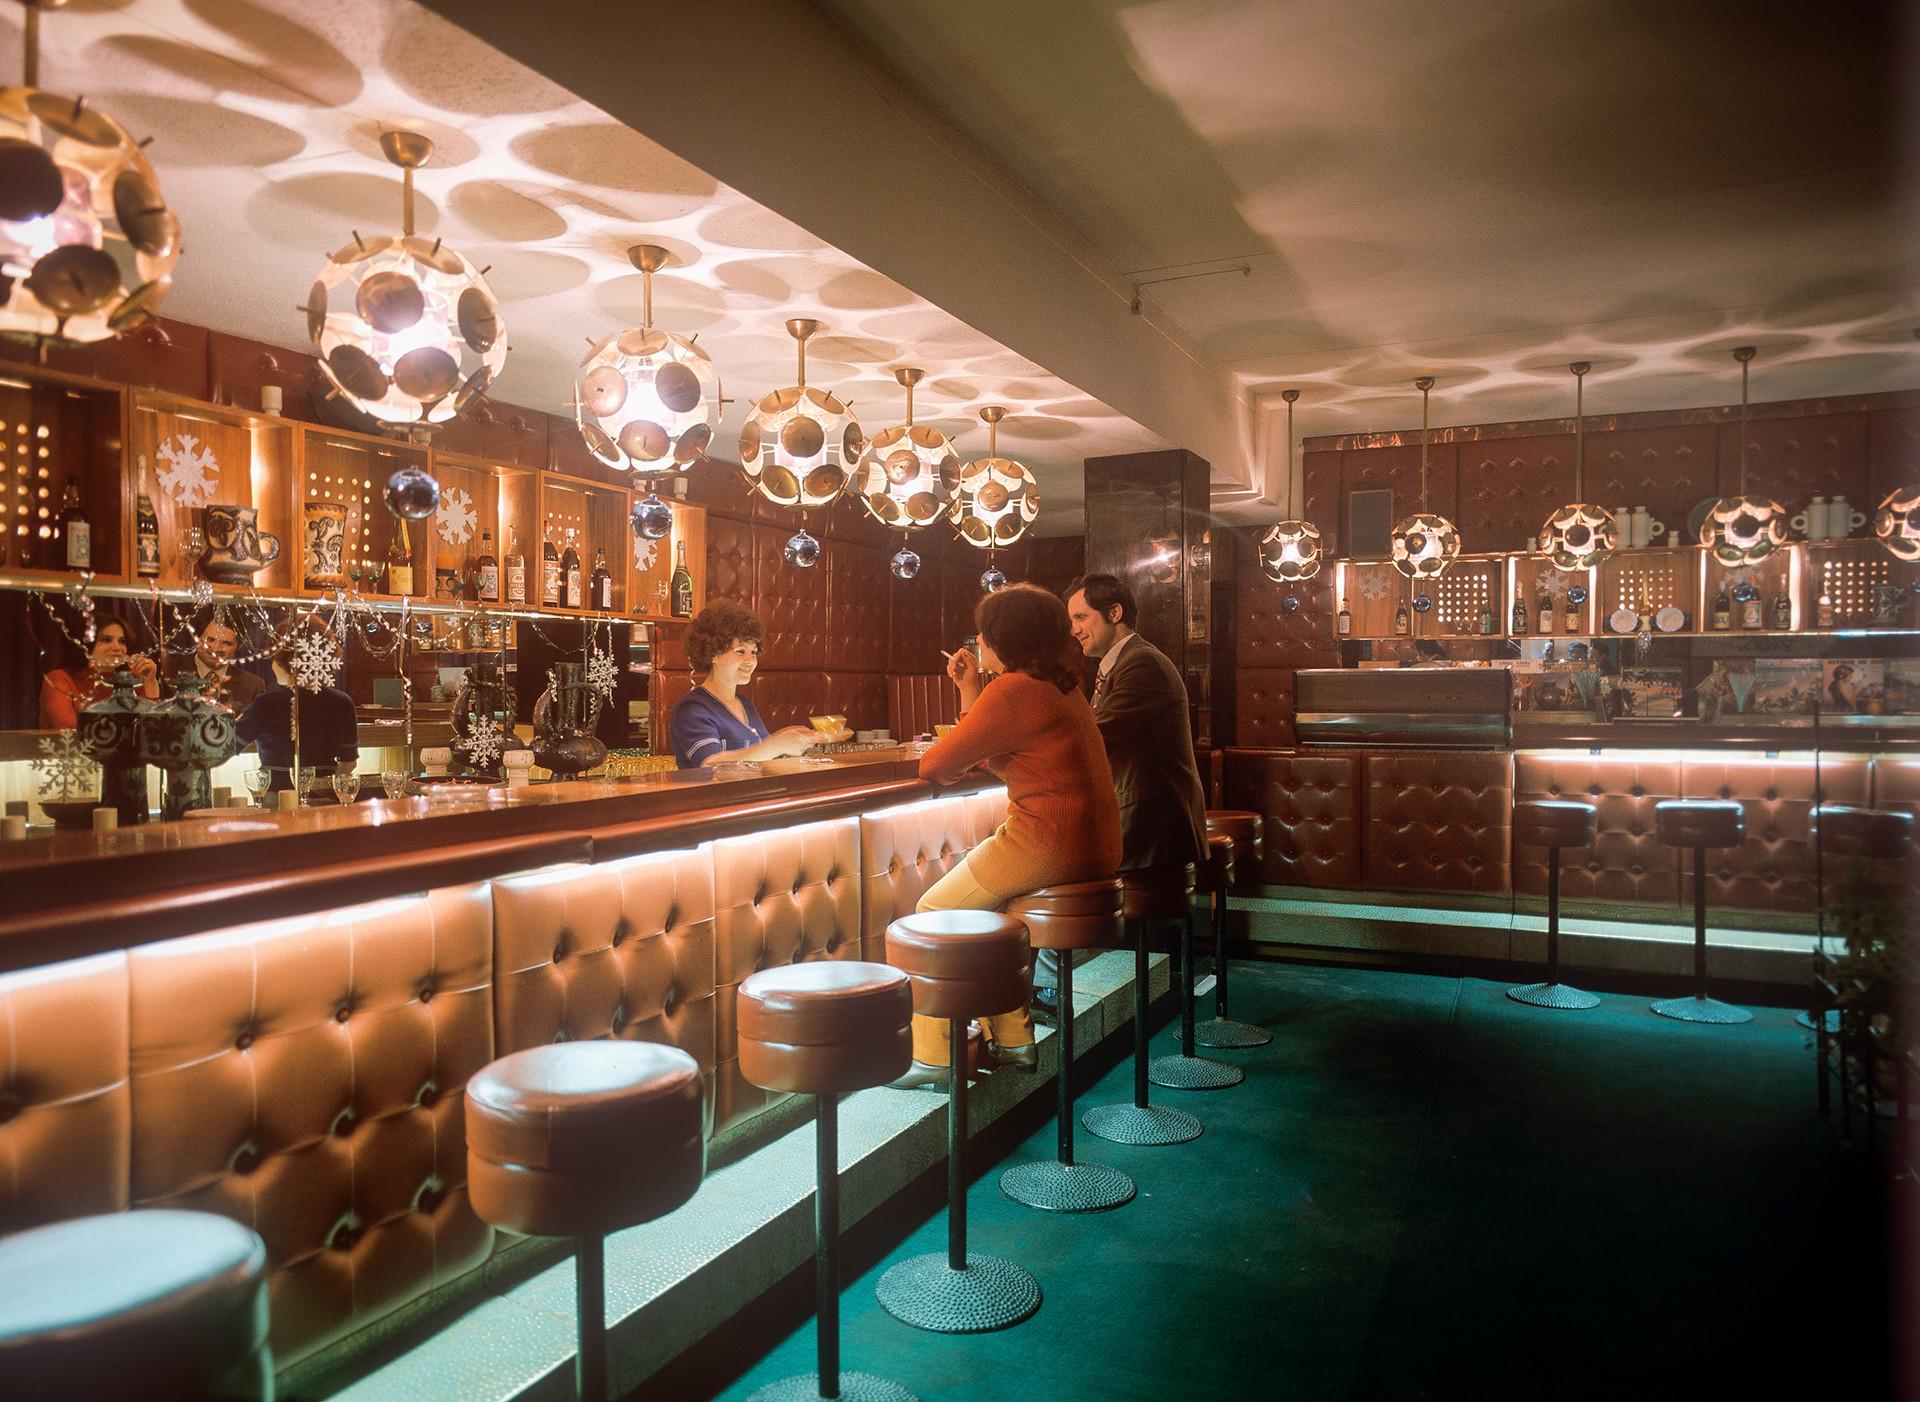 レストラン「カフカス」のバーにて。